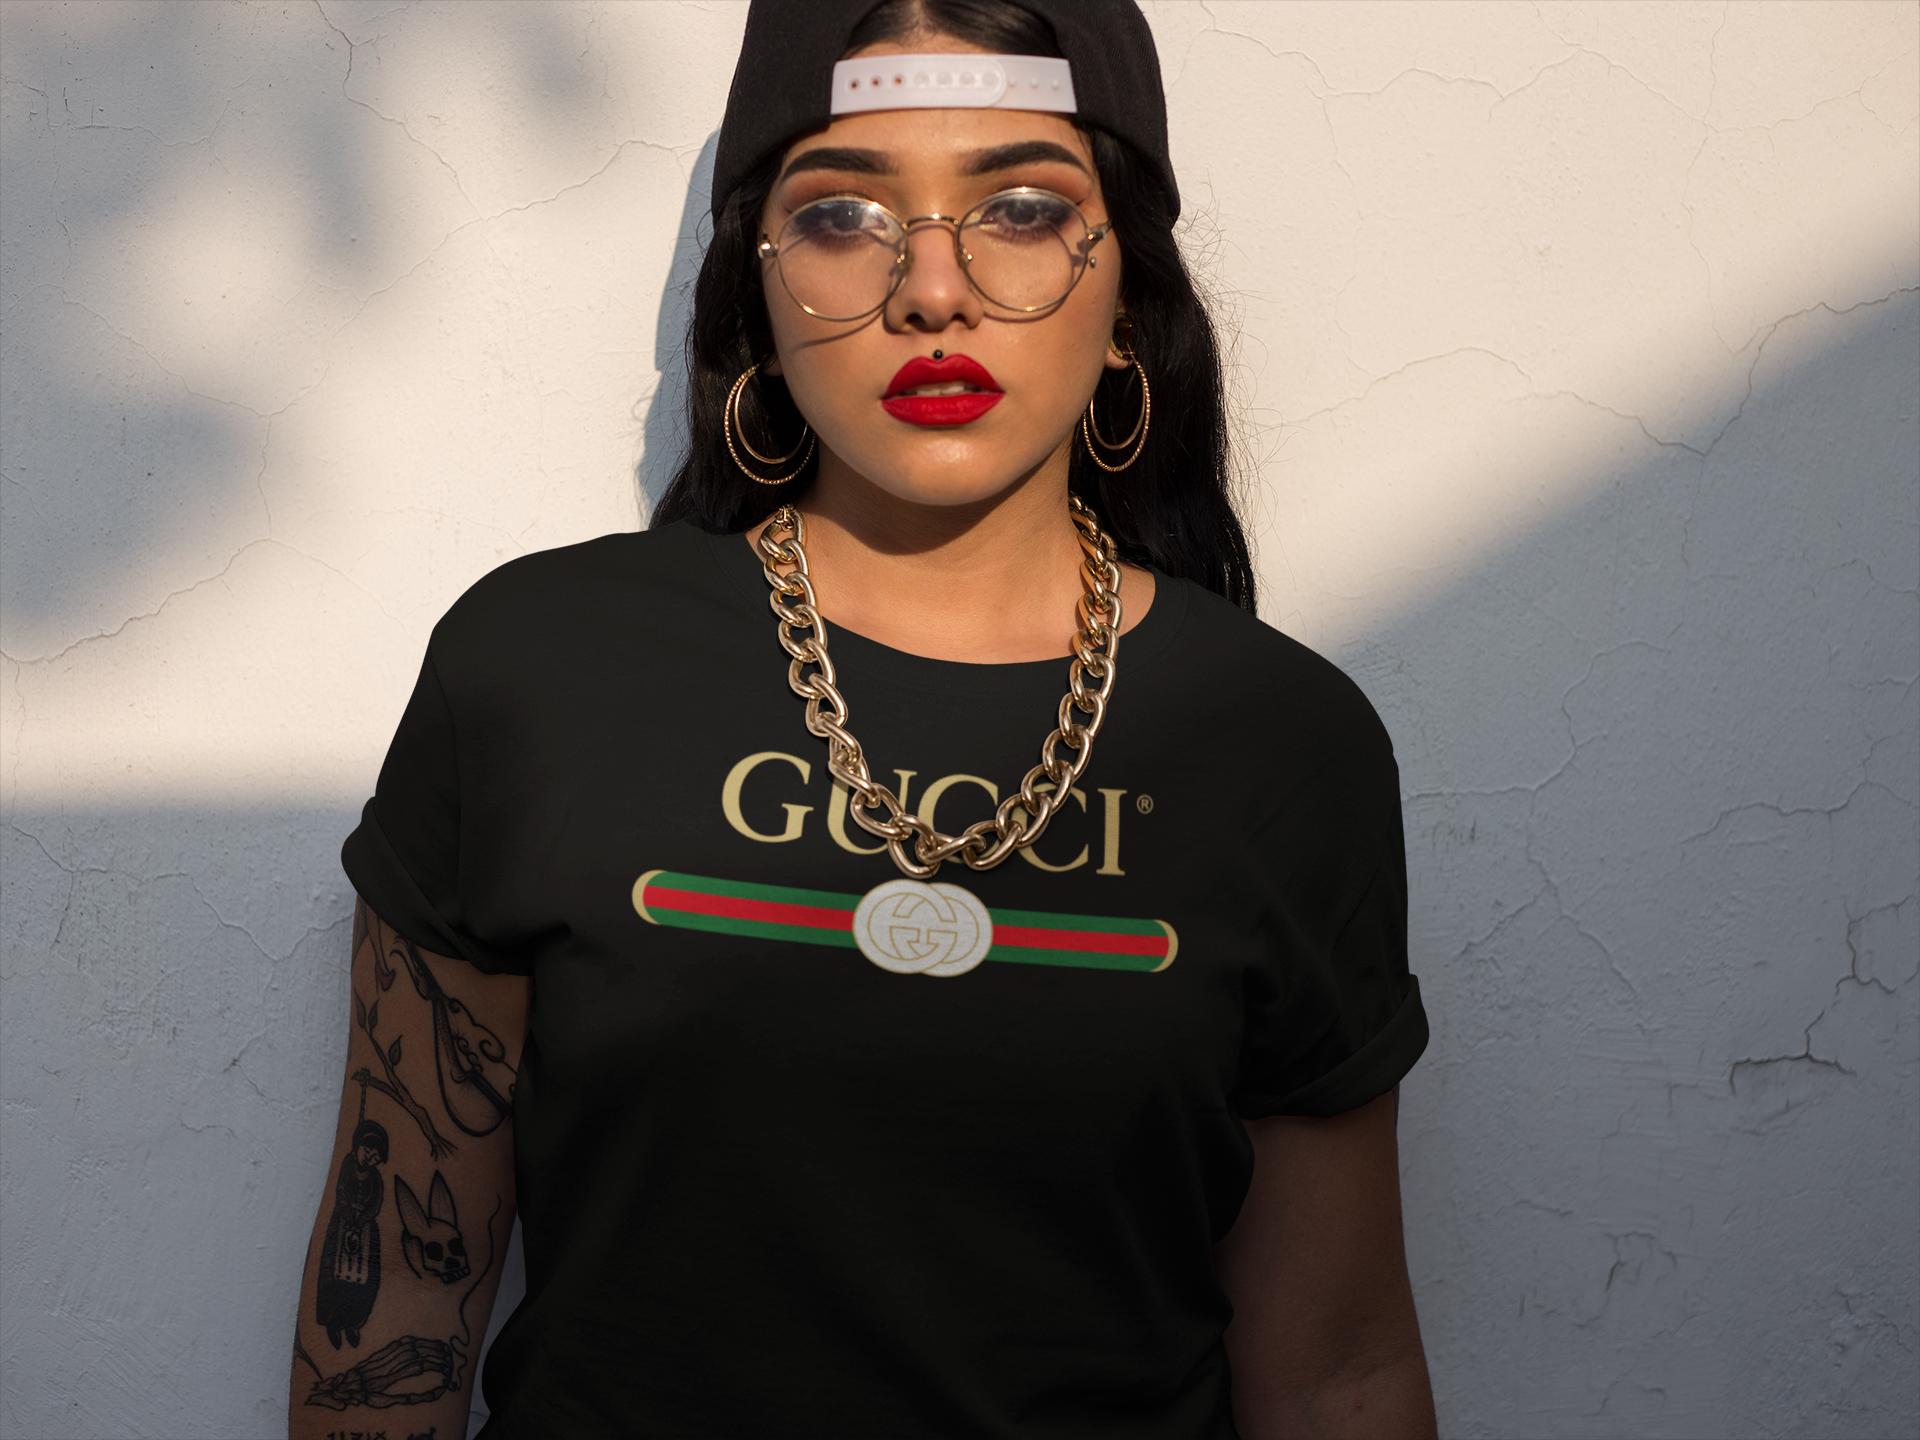 b5c279319 🔥I LOVE THIS!! 🔥 Gucci Shirt - Gucci Vintage - Gucci Tshirt - Gucci  Inspired - Gucci Womens - Gucci Mens - Gucci Gang - Black Unisex Tshirt